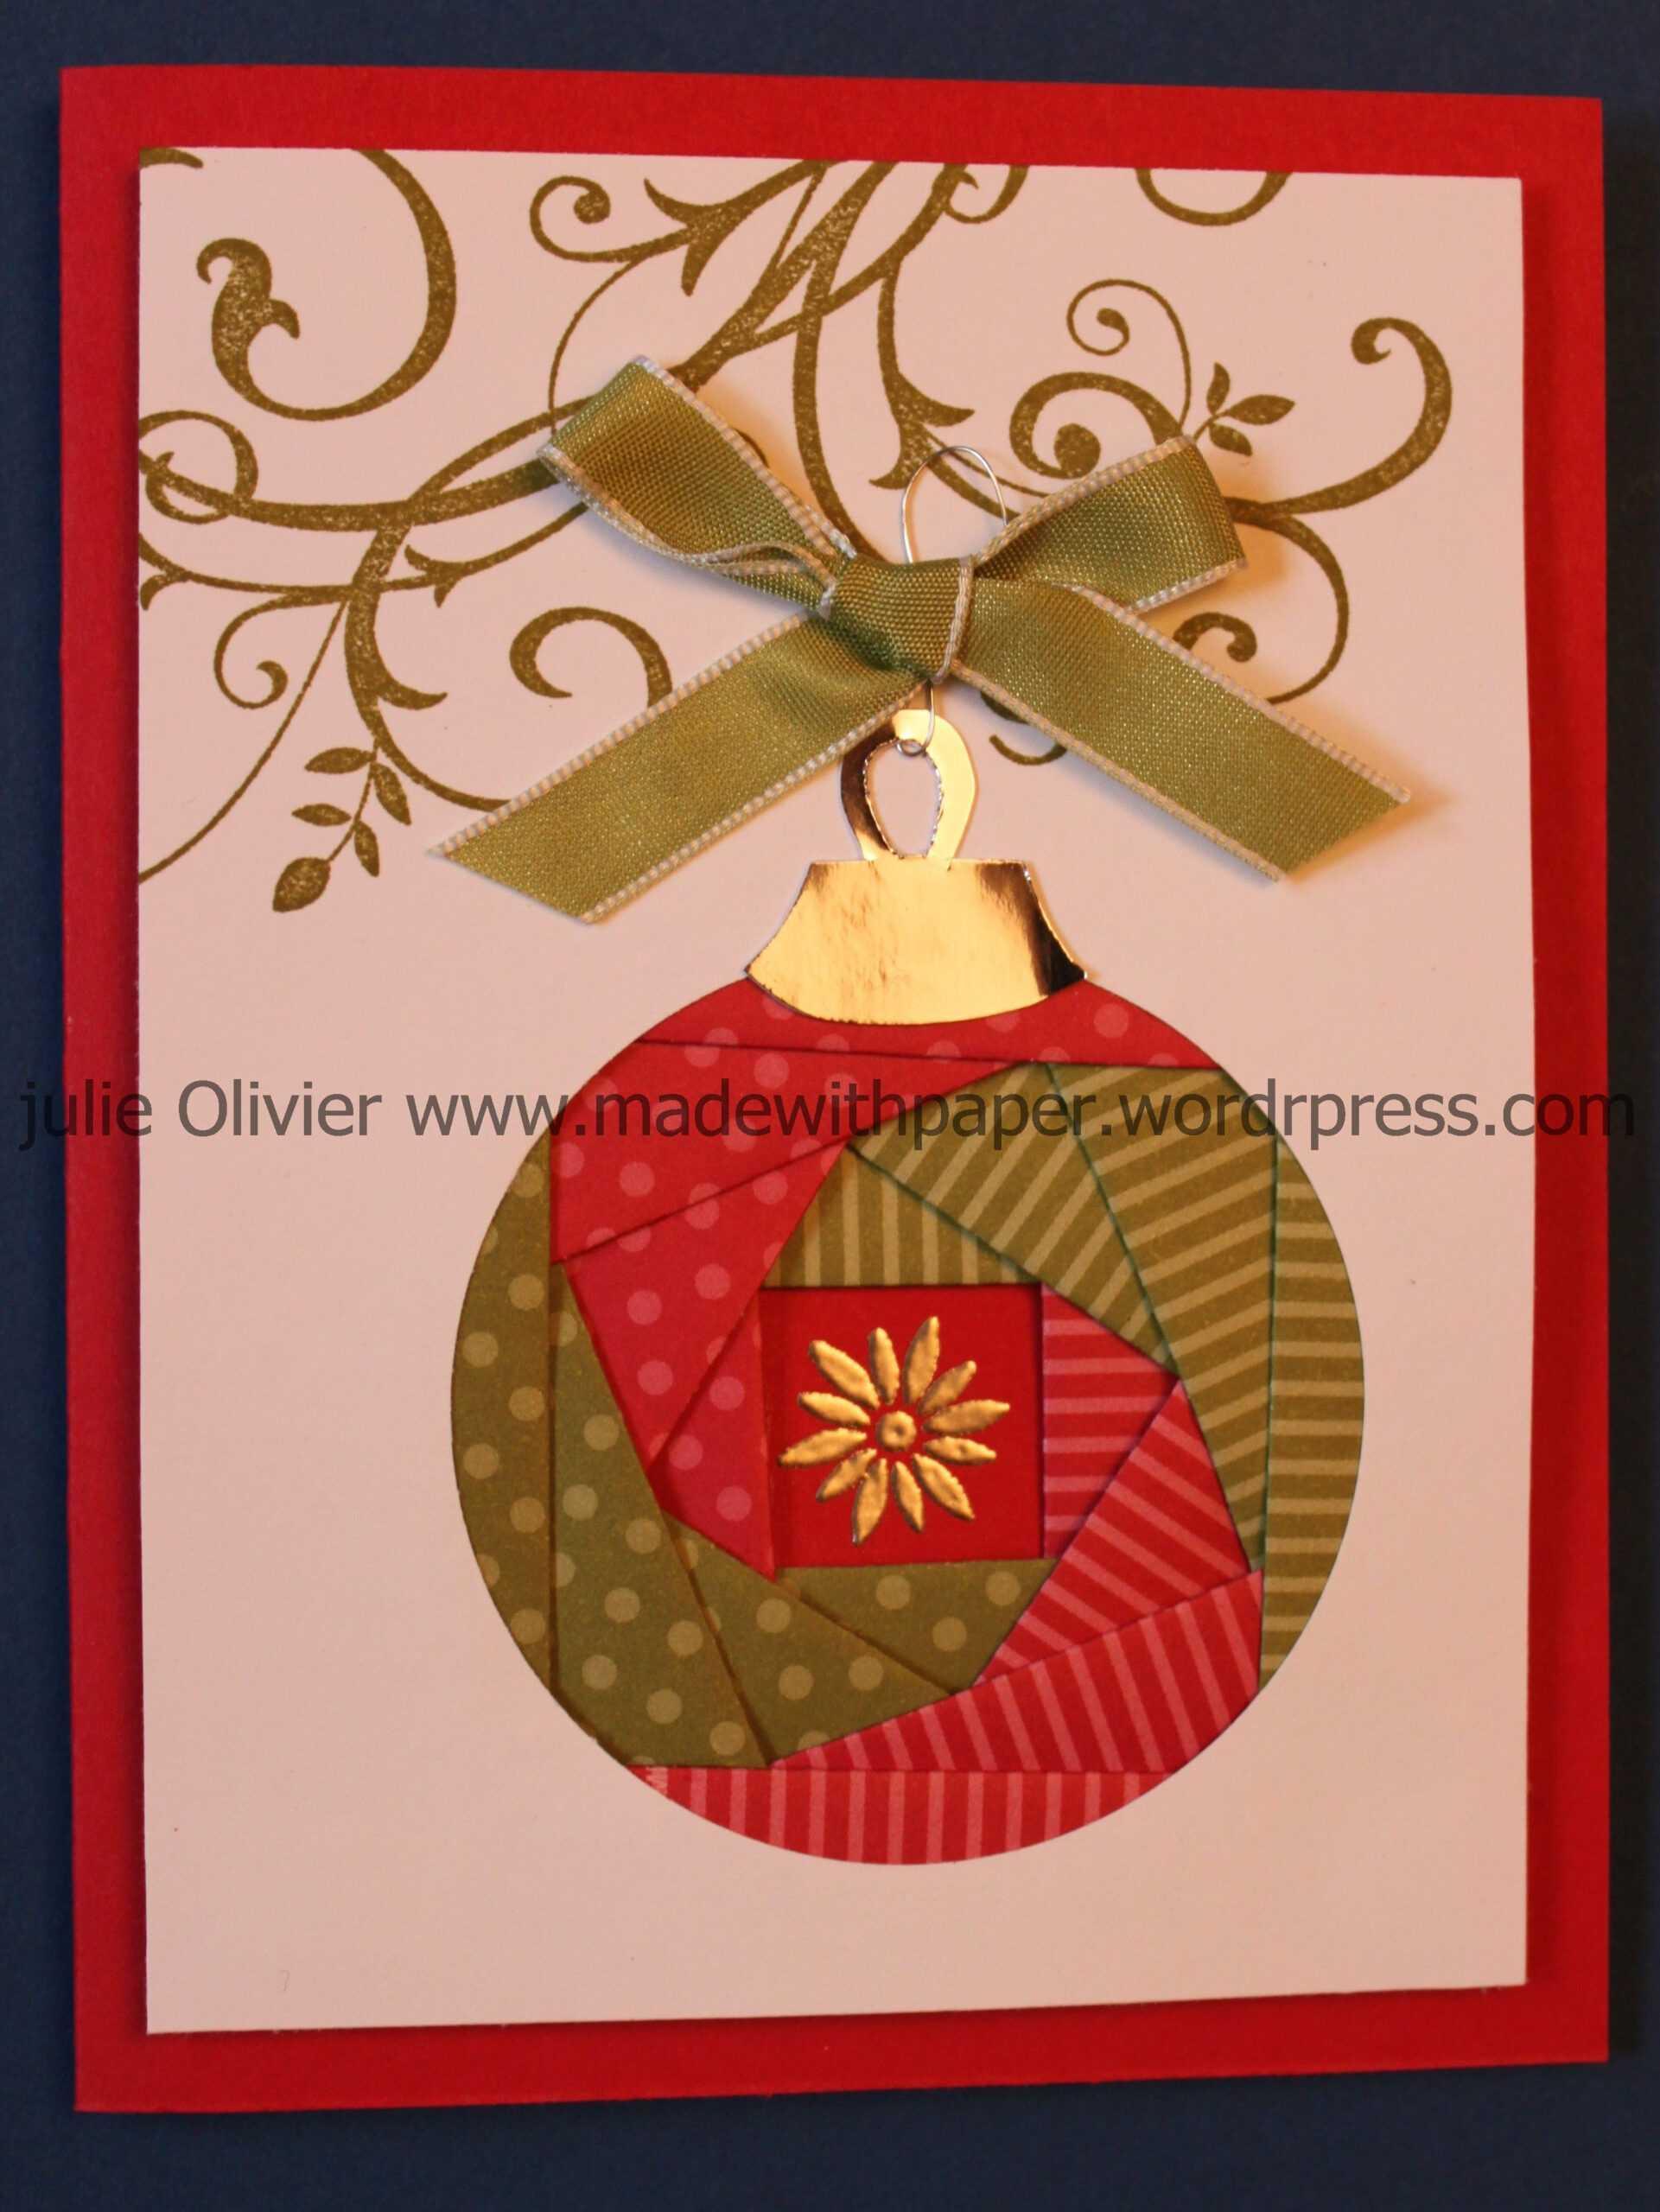 Iris Folding: Christmas Ornament | Cards - Iris Folding With Regard To Iris Folding Christmas Cards Templates